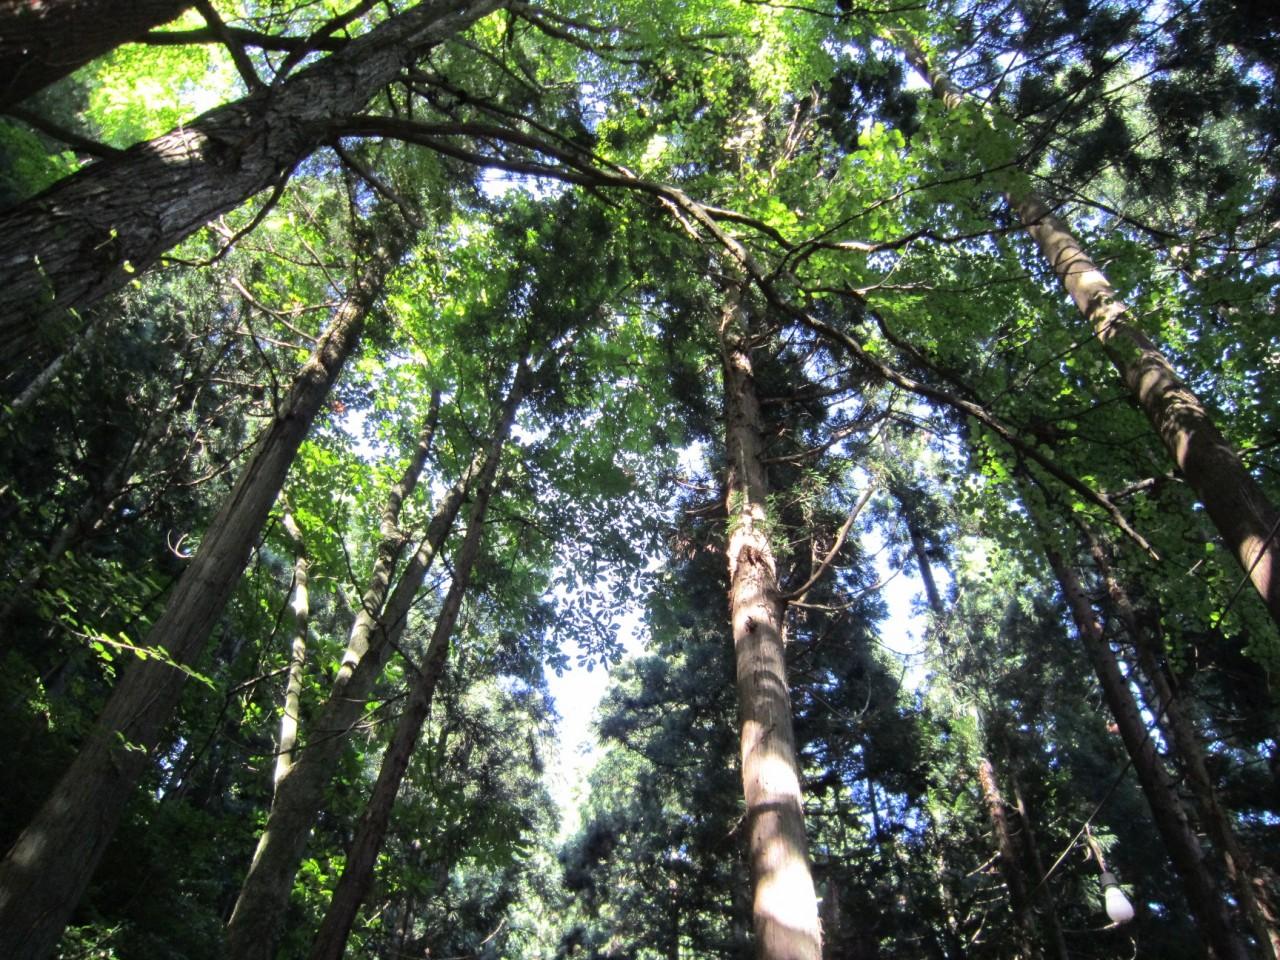 青森 風景 夏 津軽 弘前市 多賀神社 森林 木漏れ日